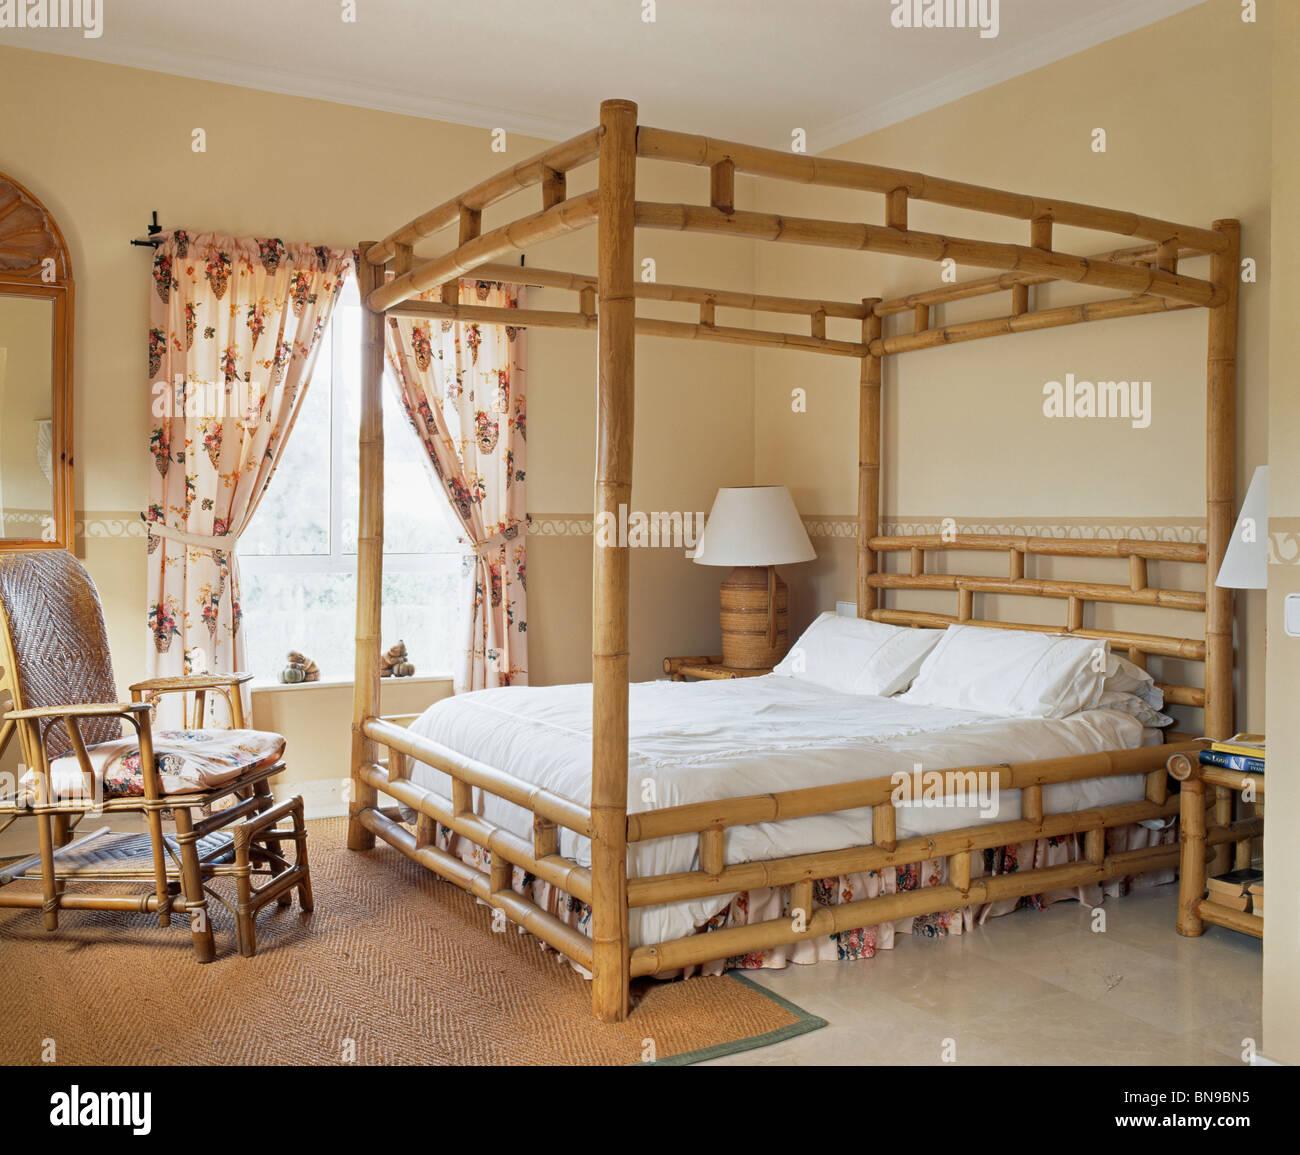 Bambus-Himmelbett und Stuhl im spanischen Schlafzimmer floral ...